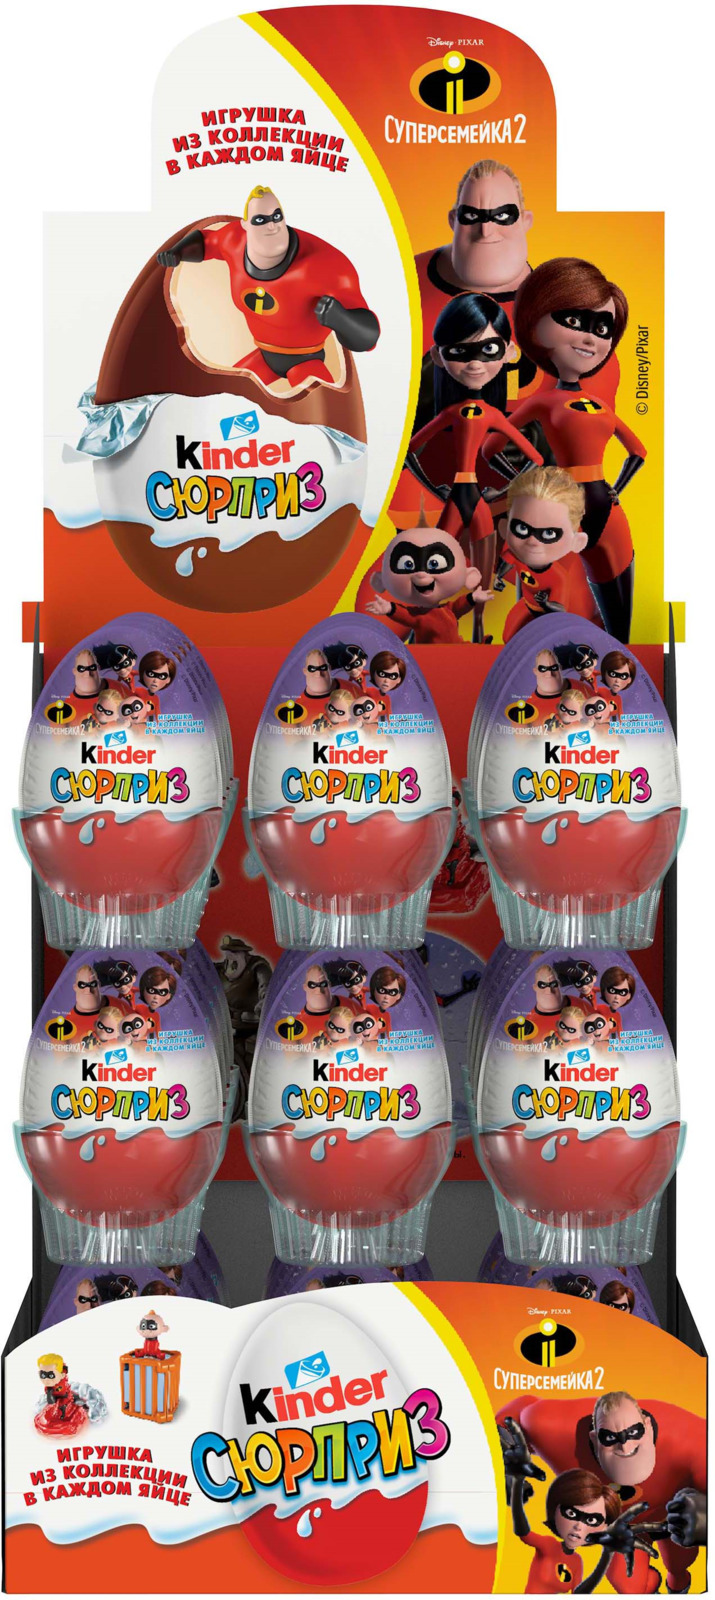 Яйцо шоколадное Kinder Сюрприз Суперсемейка 2, молочное, c игрушкой внутри, 36 шт по 20 г военные игрушки для детей did y26 36 ss067 fbi hrt